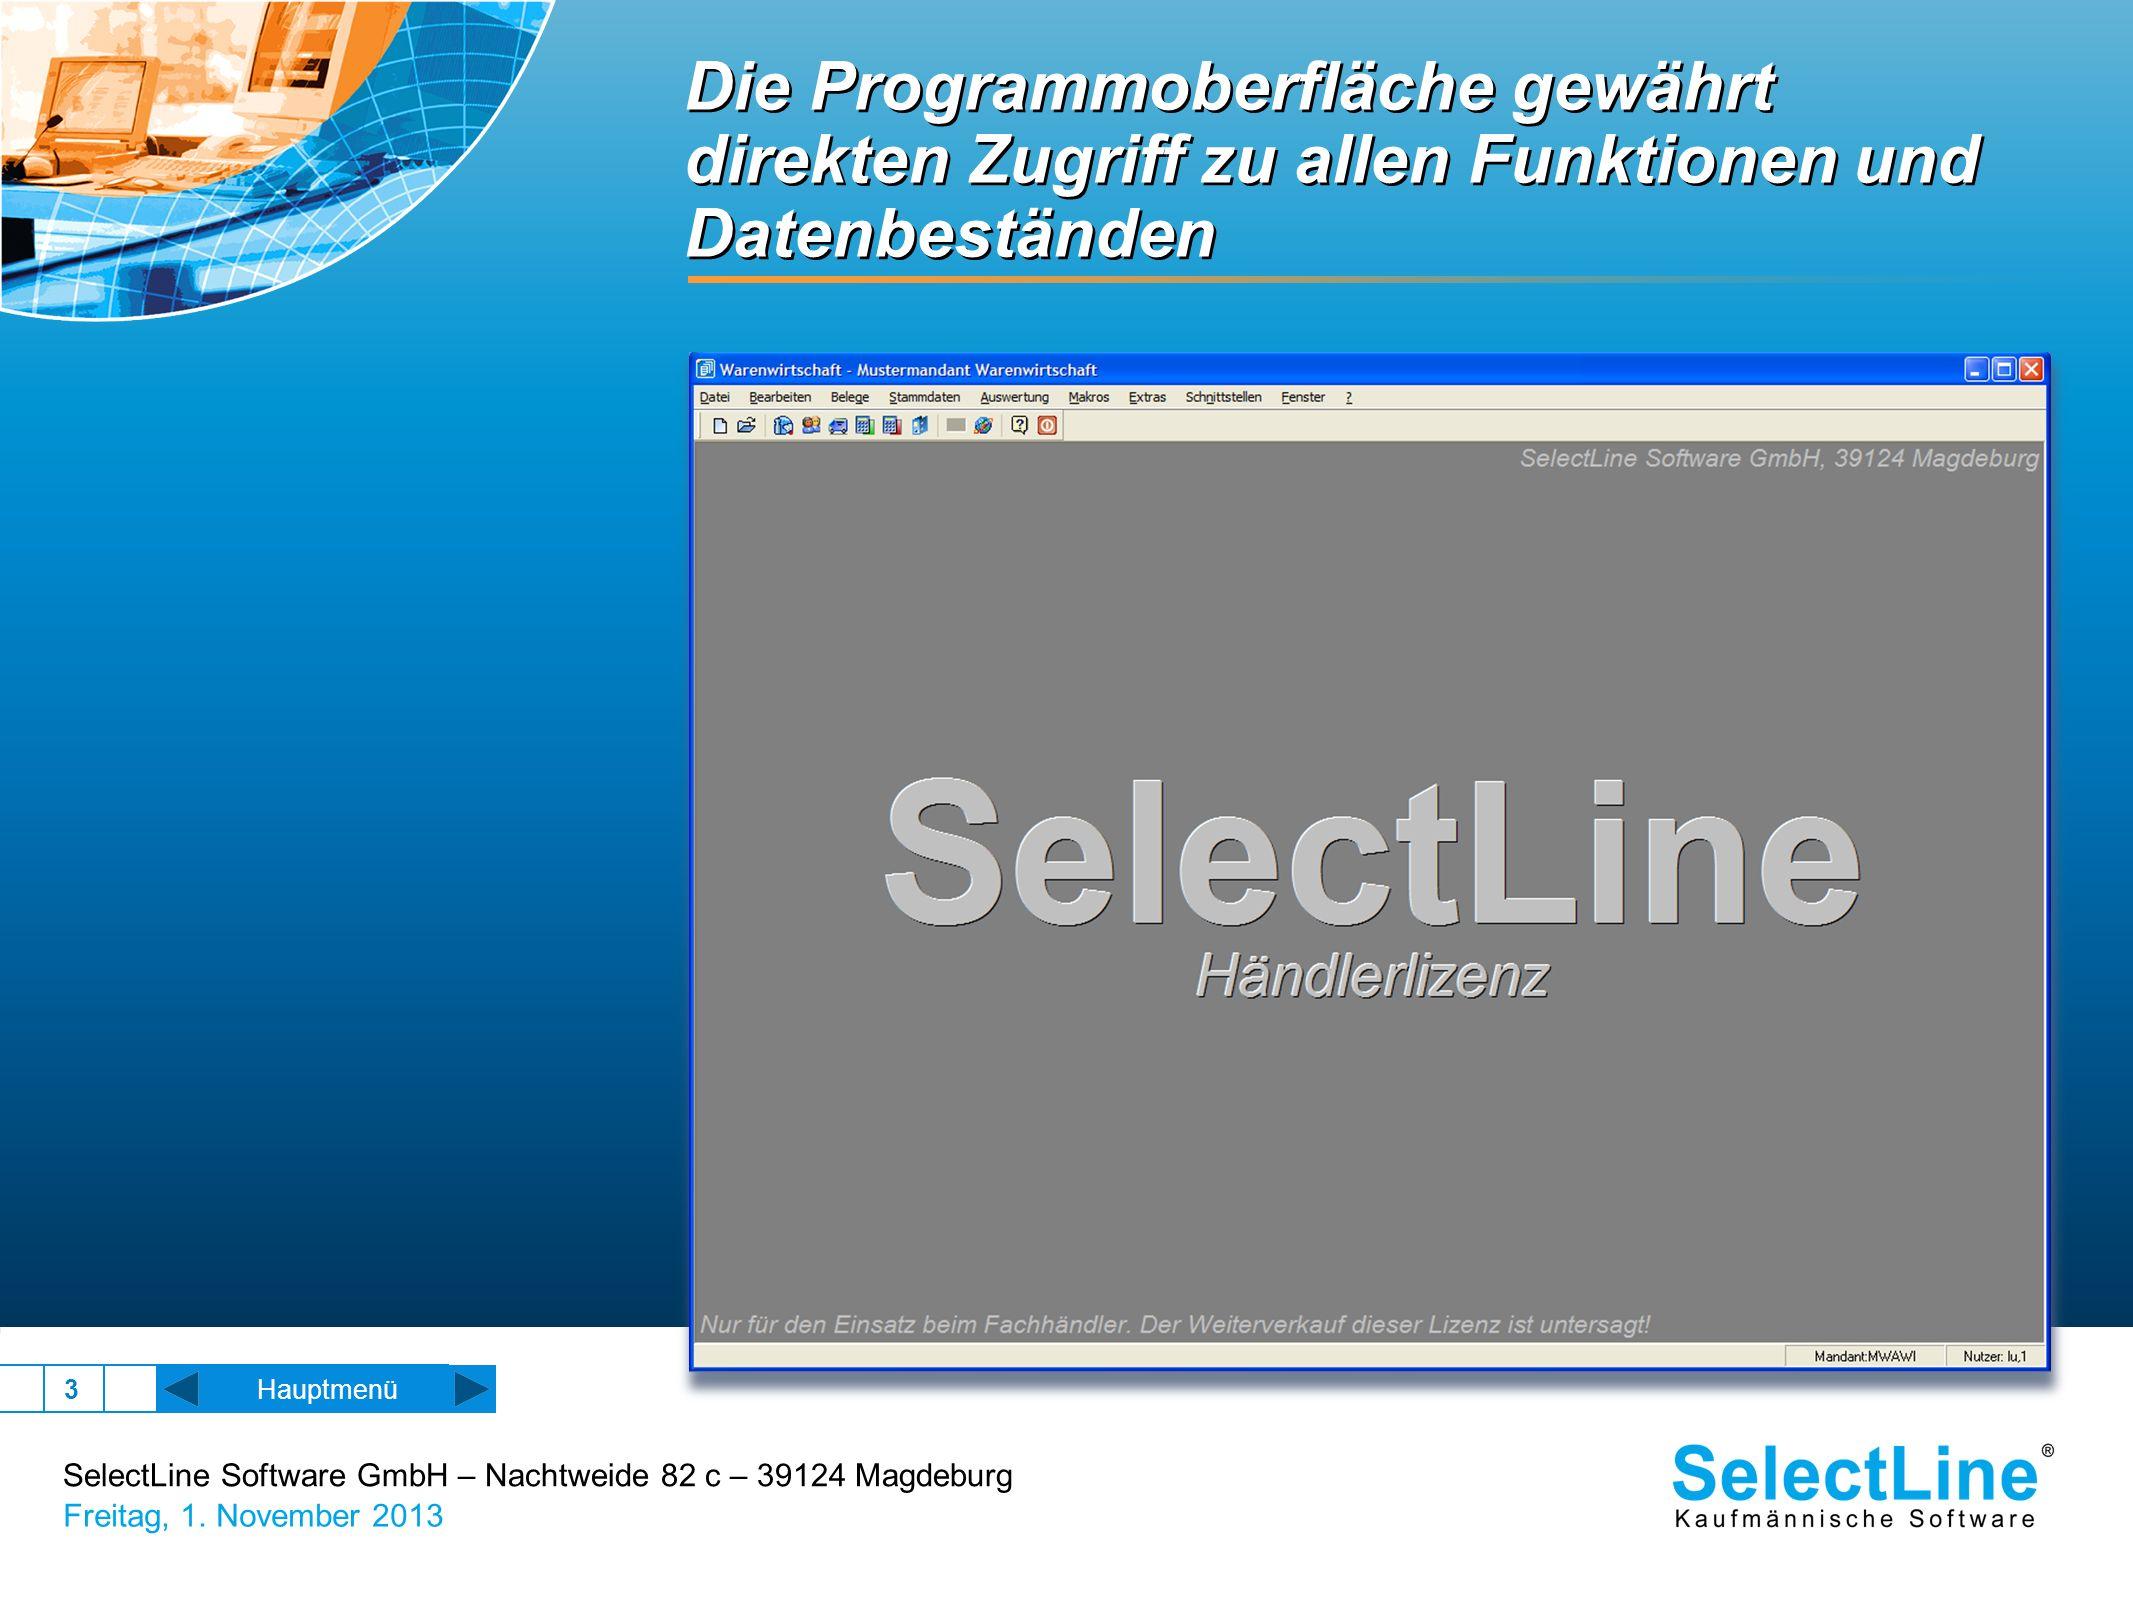 Die Programmoberfläche gewährt direkten Zugriff zu allen Funktionen und Datenbeständen